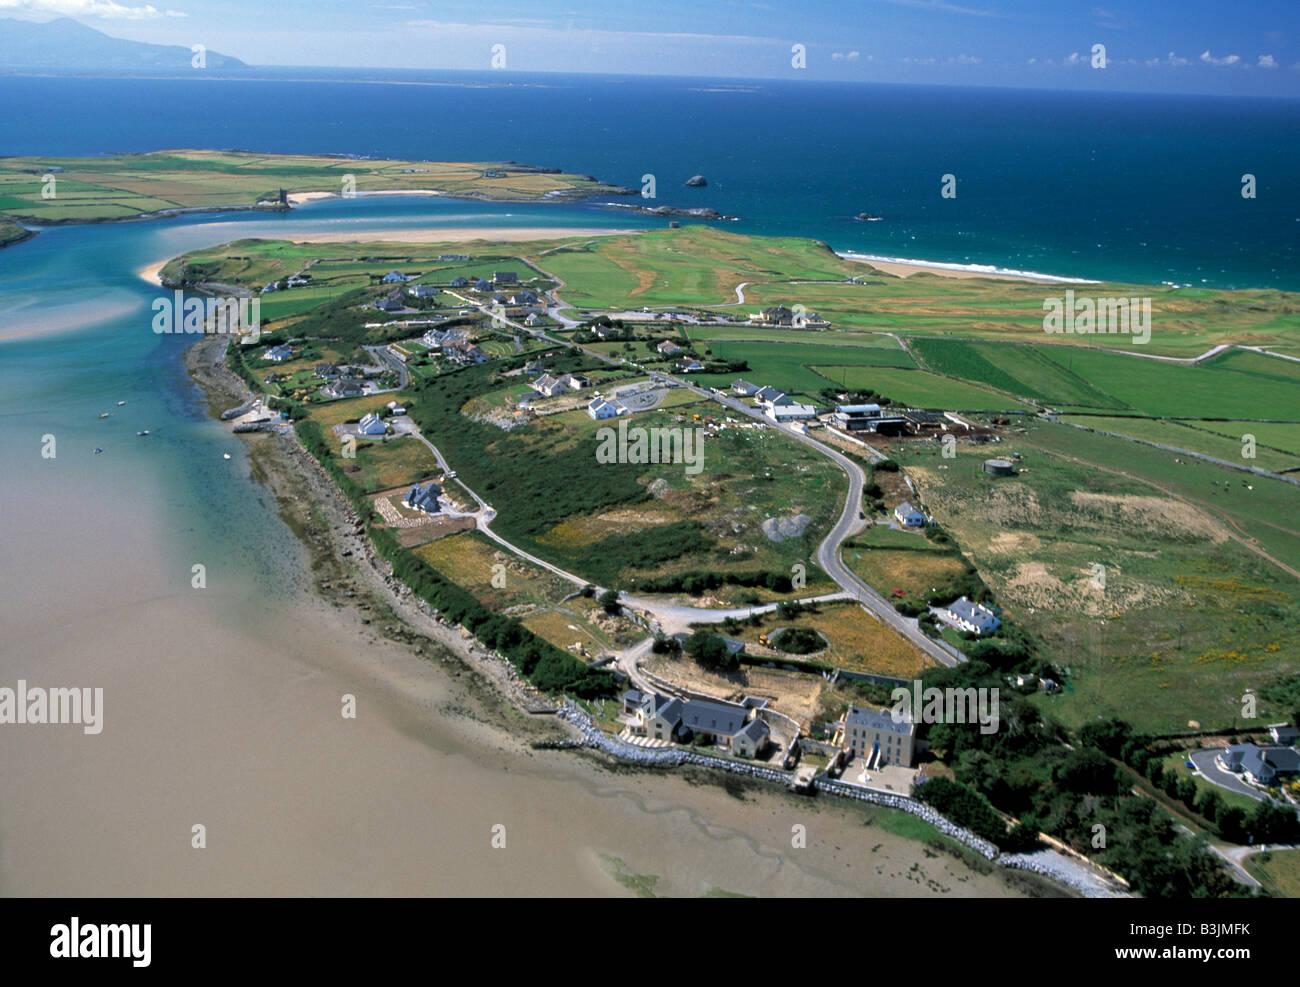 ireland, county kerry, tralee, barrow, atlantic coast of ireland, wild atlantic way, beauty in nature, - Stock Image